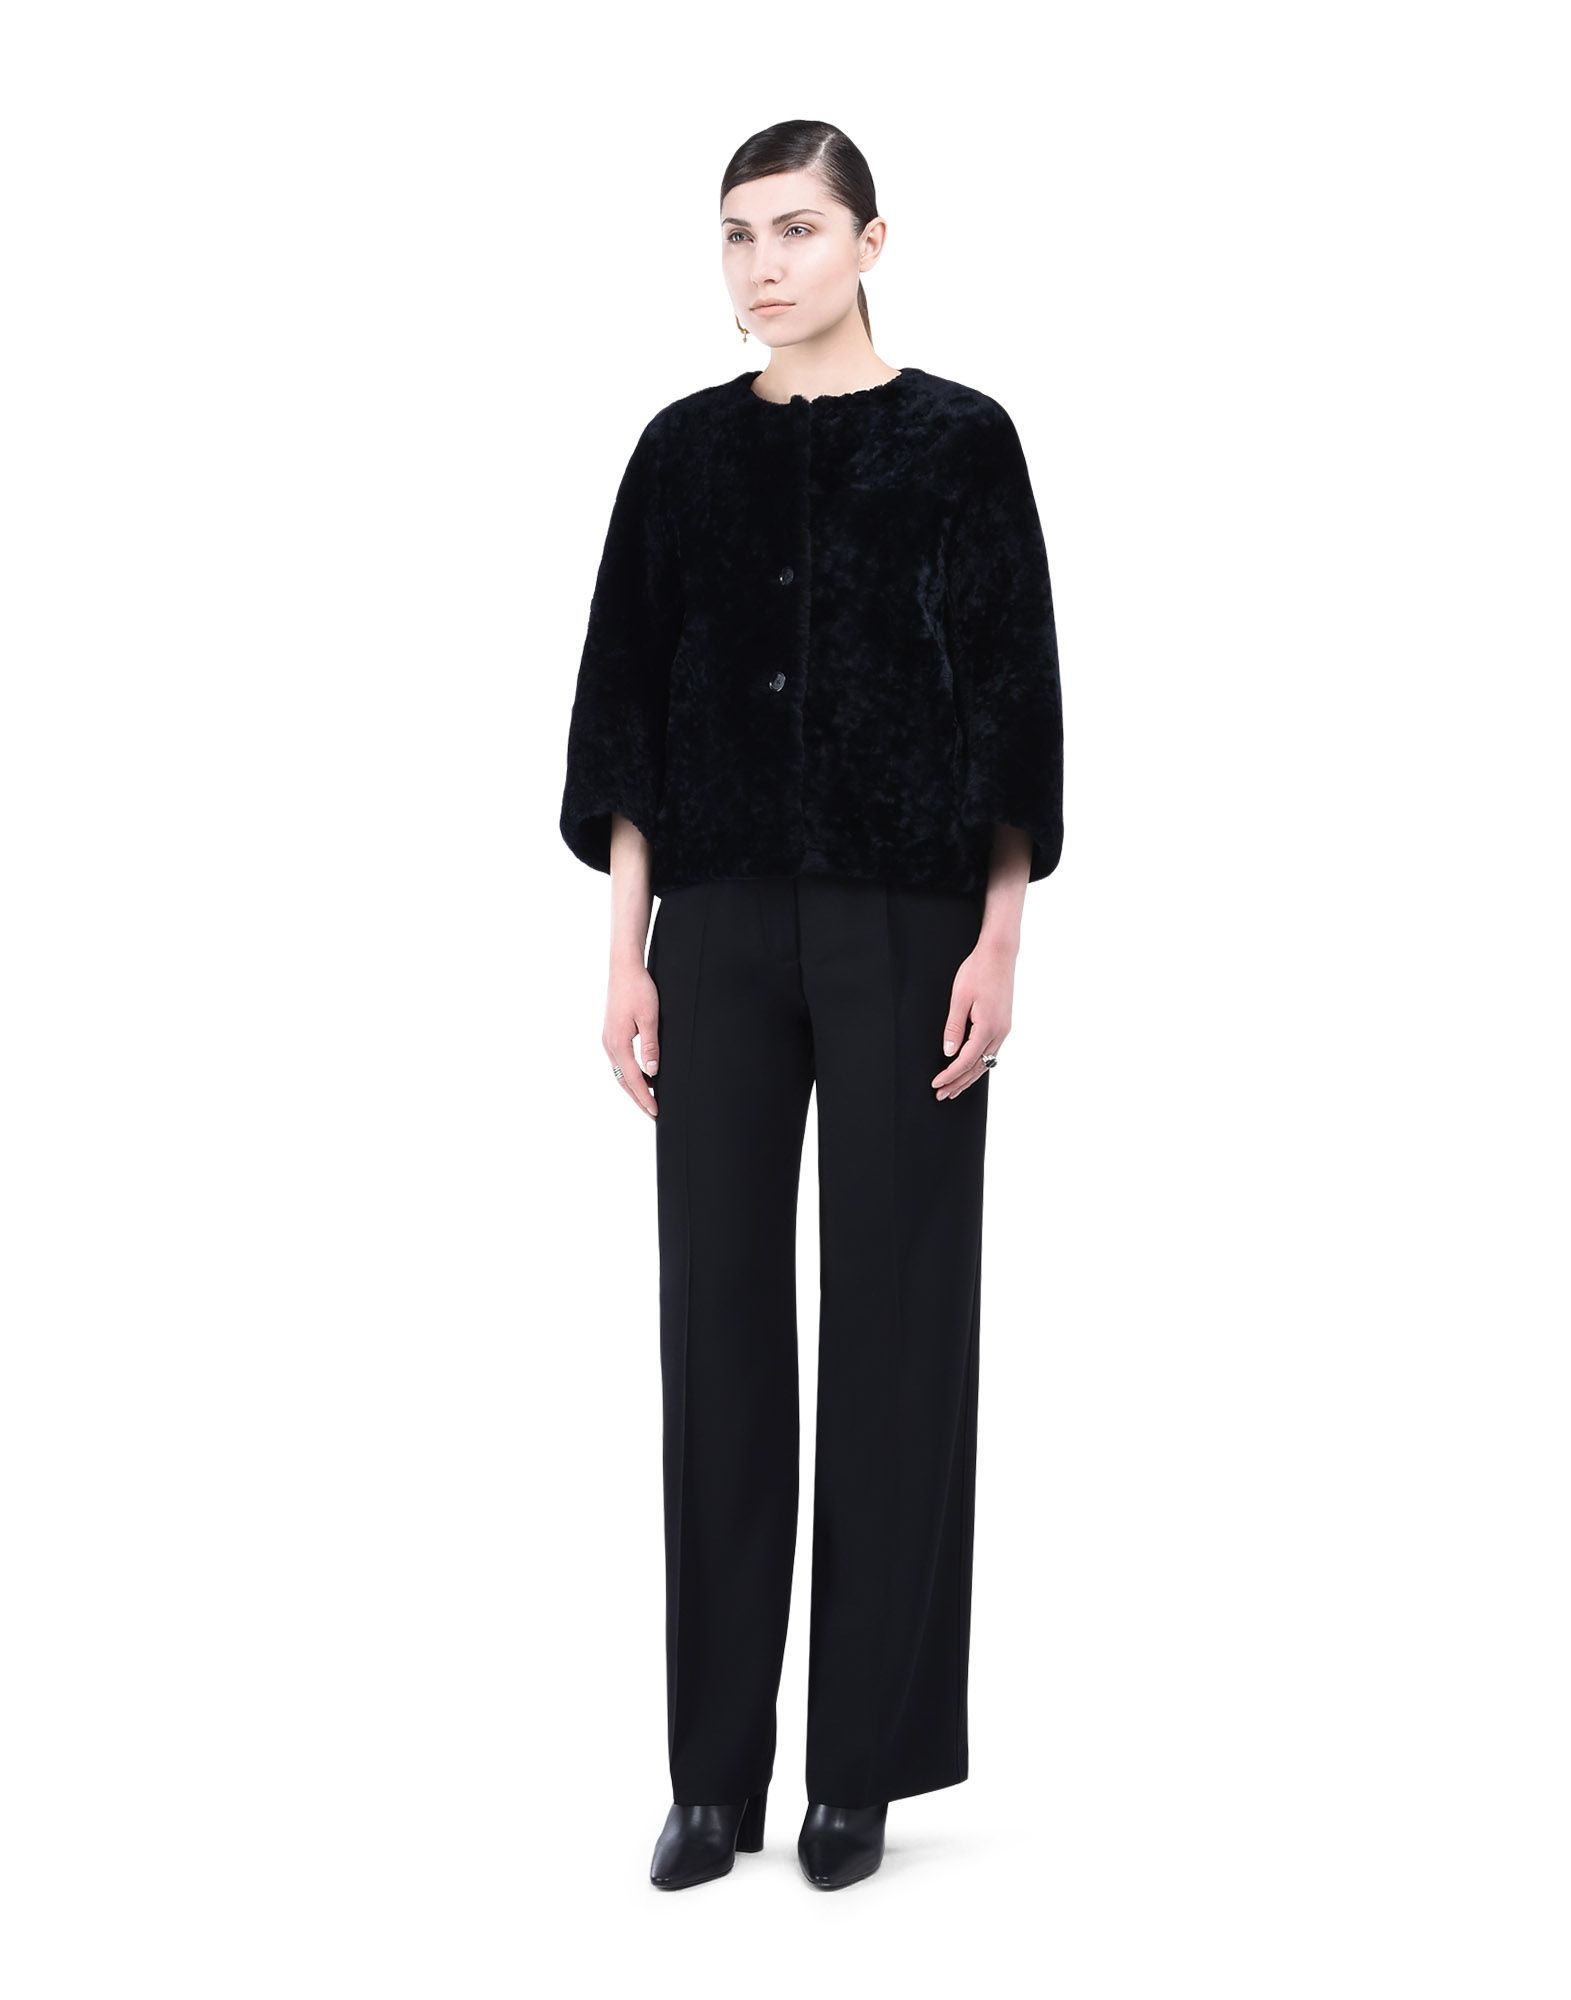 Outerwear in leather - JIL SANDER Online Store